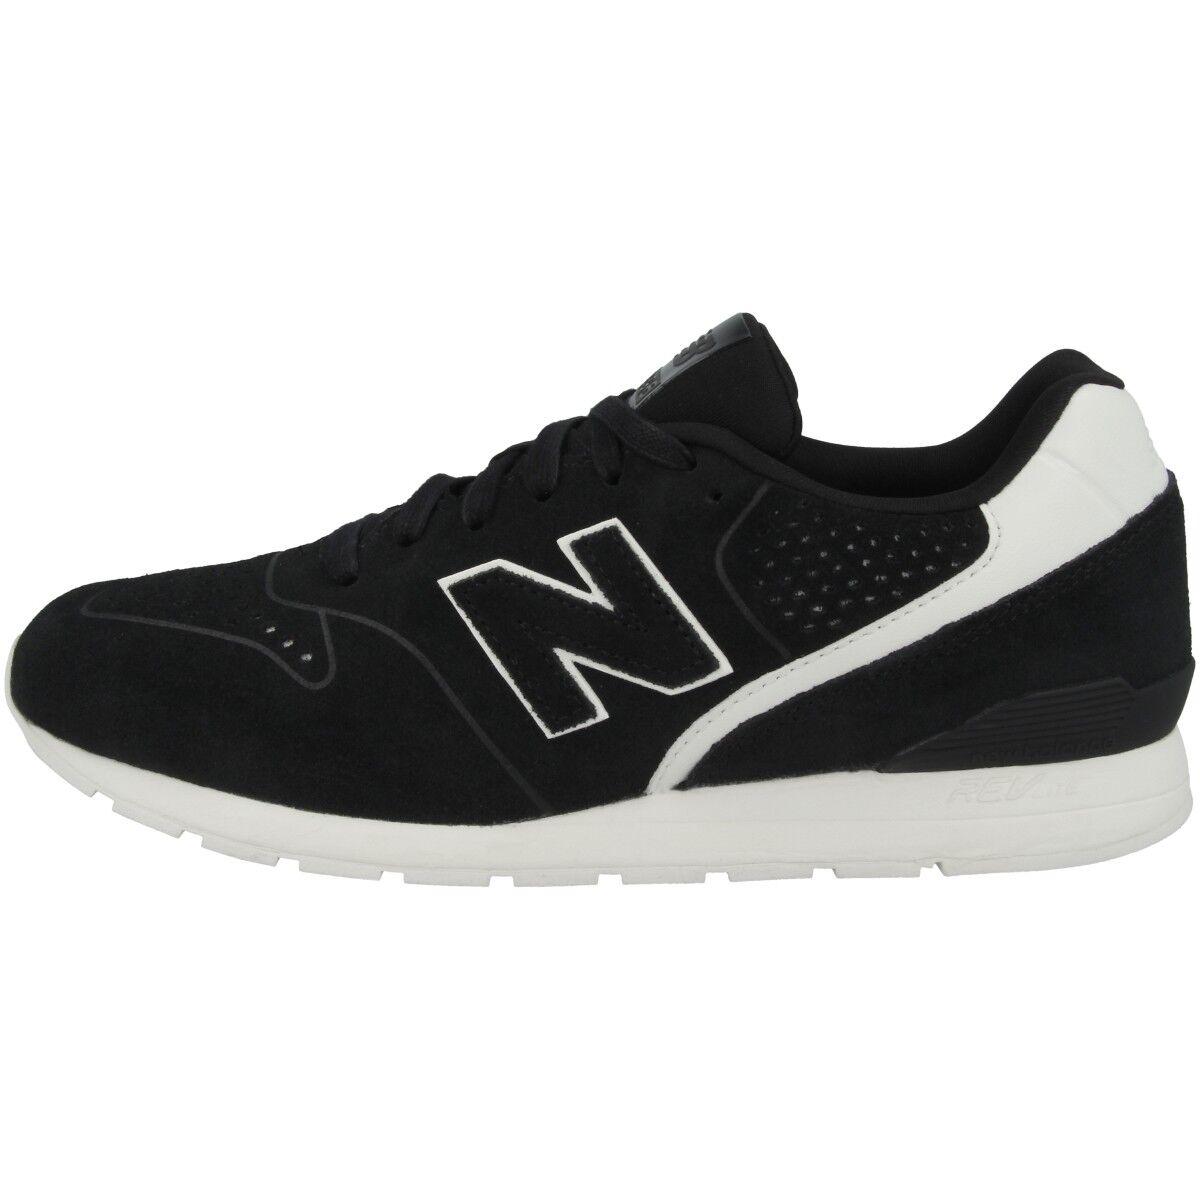 NEW Balance Balance Balance MRL 996 do Scarpe Tempo Libero scarpe da ginnastica Scarpe da ginnastica nero bianca mrl996do 57735b